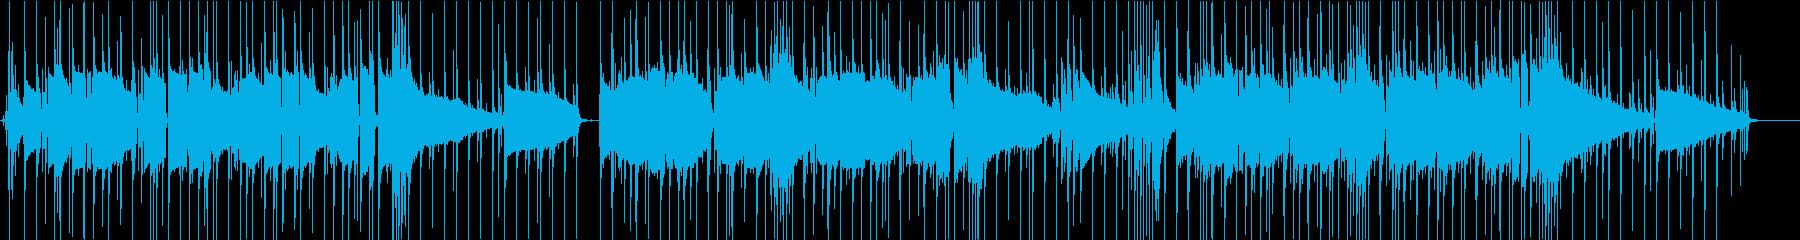 エレガント高級感ラウンジ♪海♪企業VPの再生済みの波形